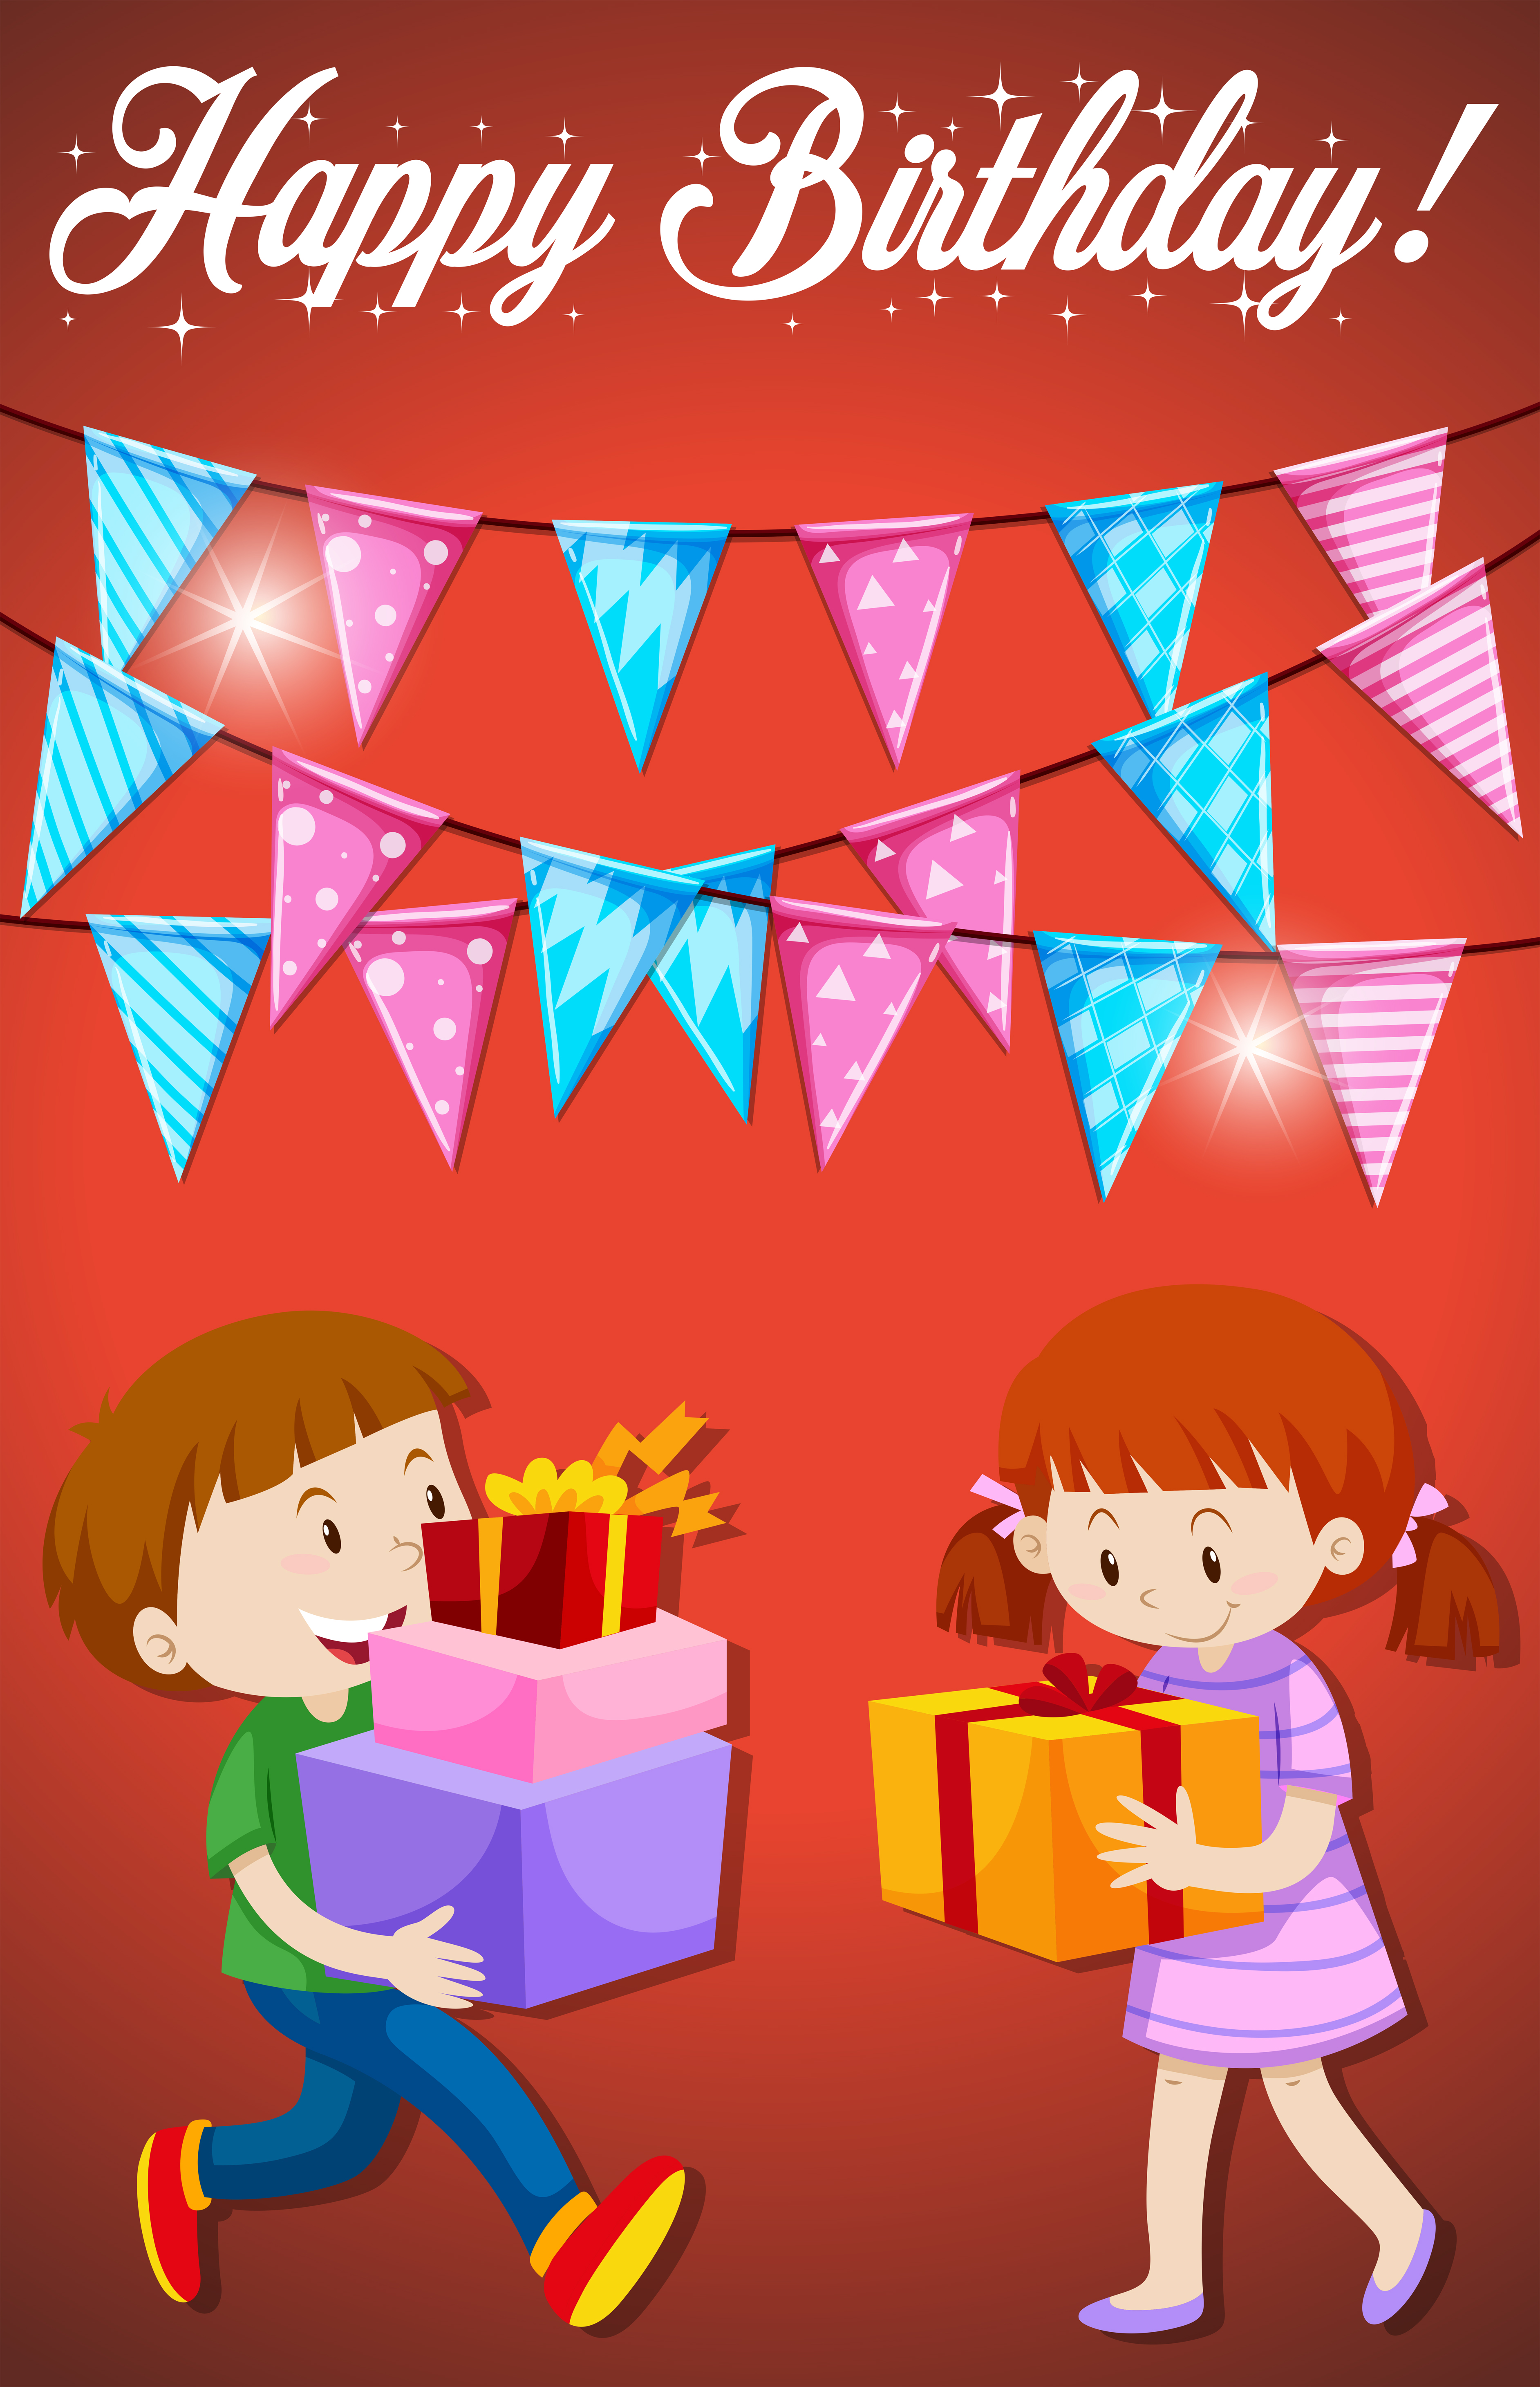 Joyeux Anniversaire Avec Carte D 39 Enfants Telecharger Vectoriel Gratuit Clipart Graphique Vecteur Dessins Et Pictogramme Gratuit